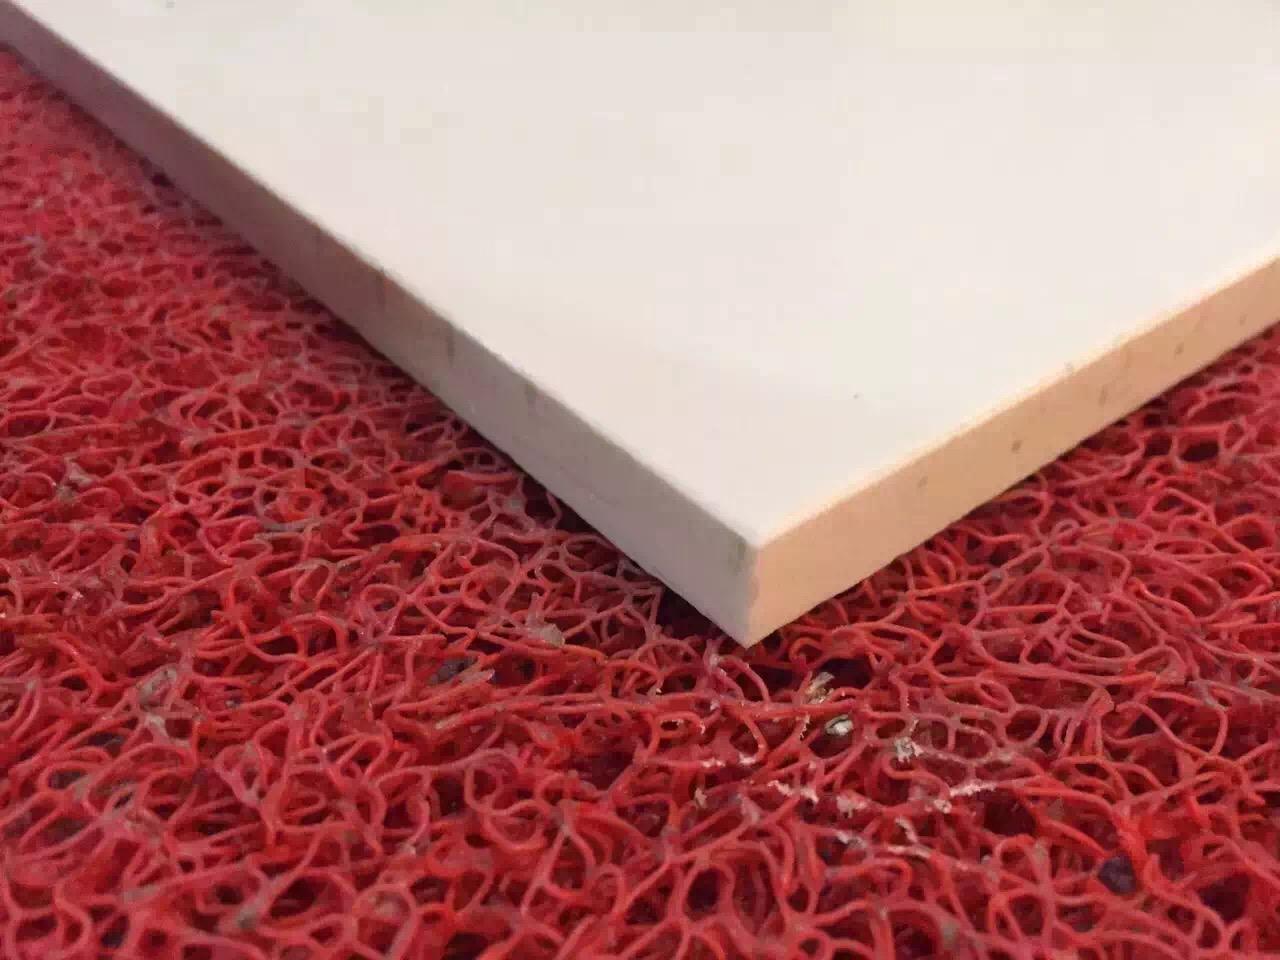 800 *800抛光砖,优等15.5元起步,看得见的质量,测码激光防伪正宗佛山砖